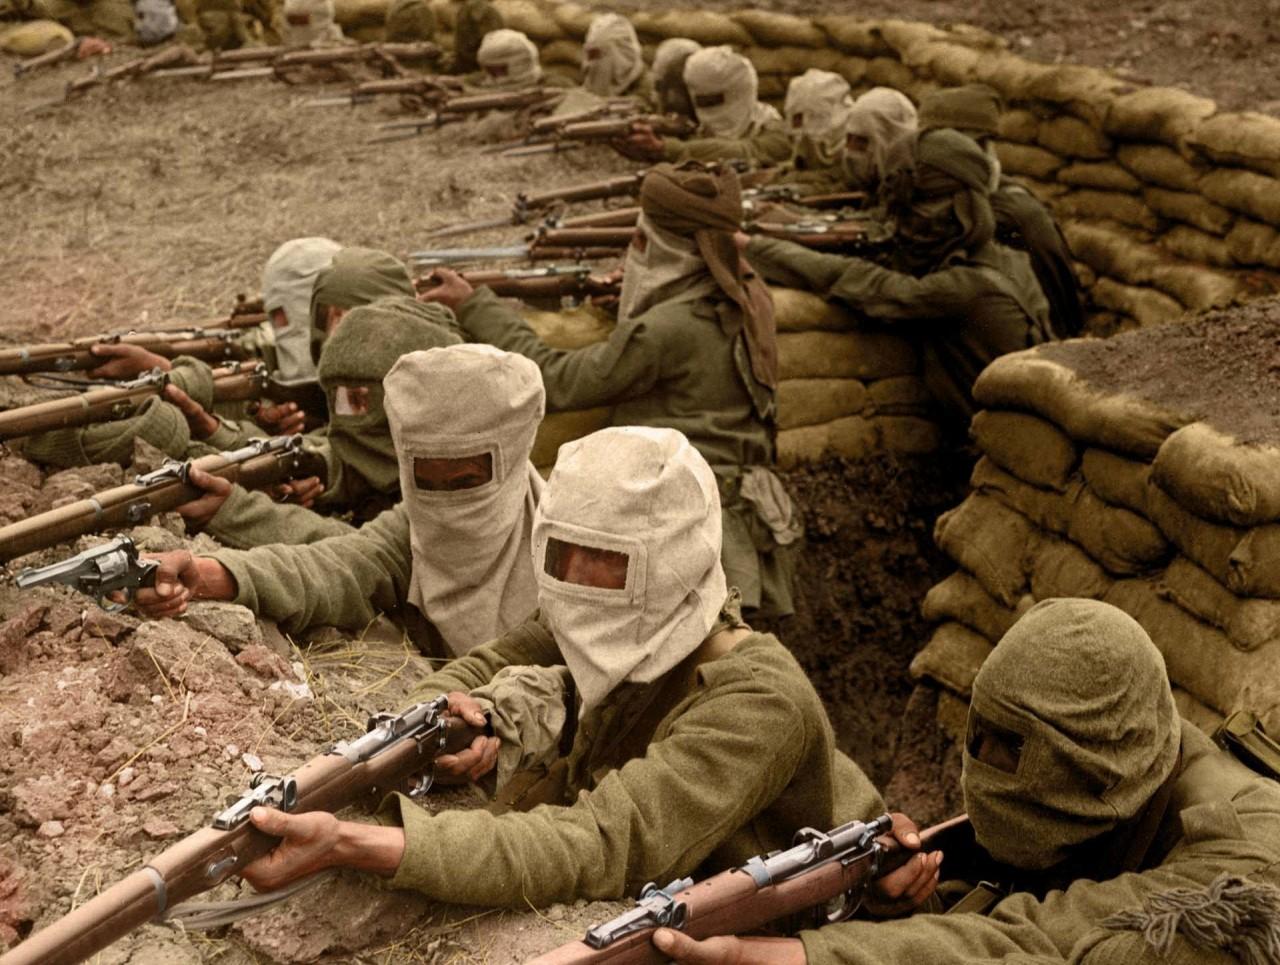 Группа индийских солдат в траншее, 1915 г. На голове у них противогазные маски архивное фото, колоризация, колоризация фотографий, колоризированные снимки, первая мировая, первая мировая война, фото войны